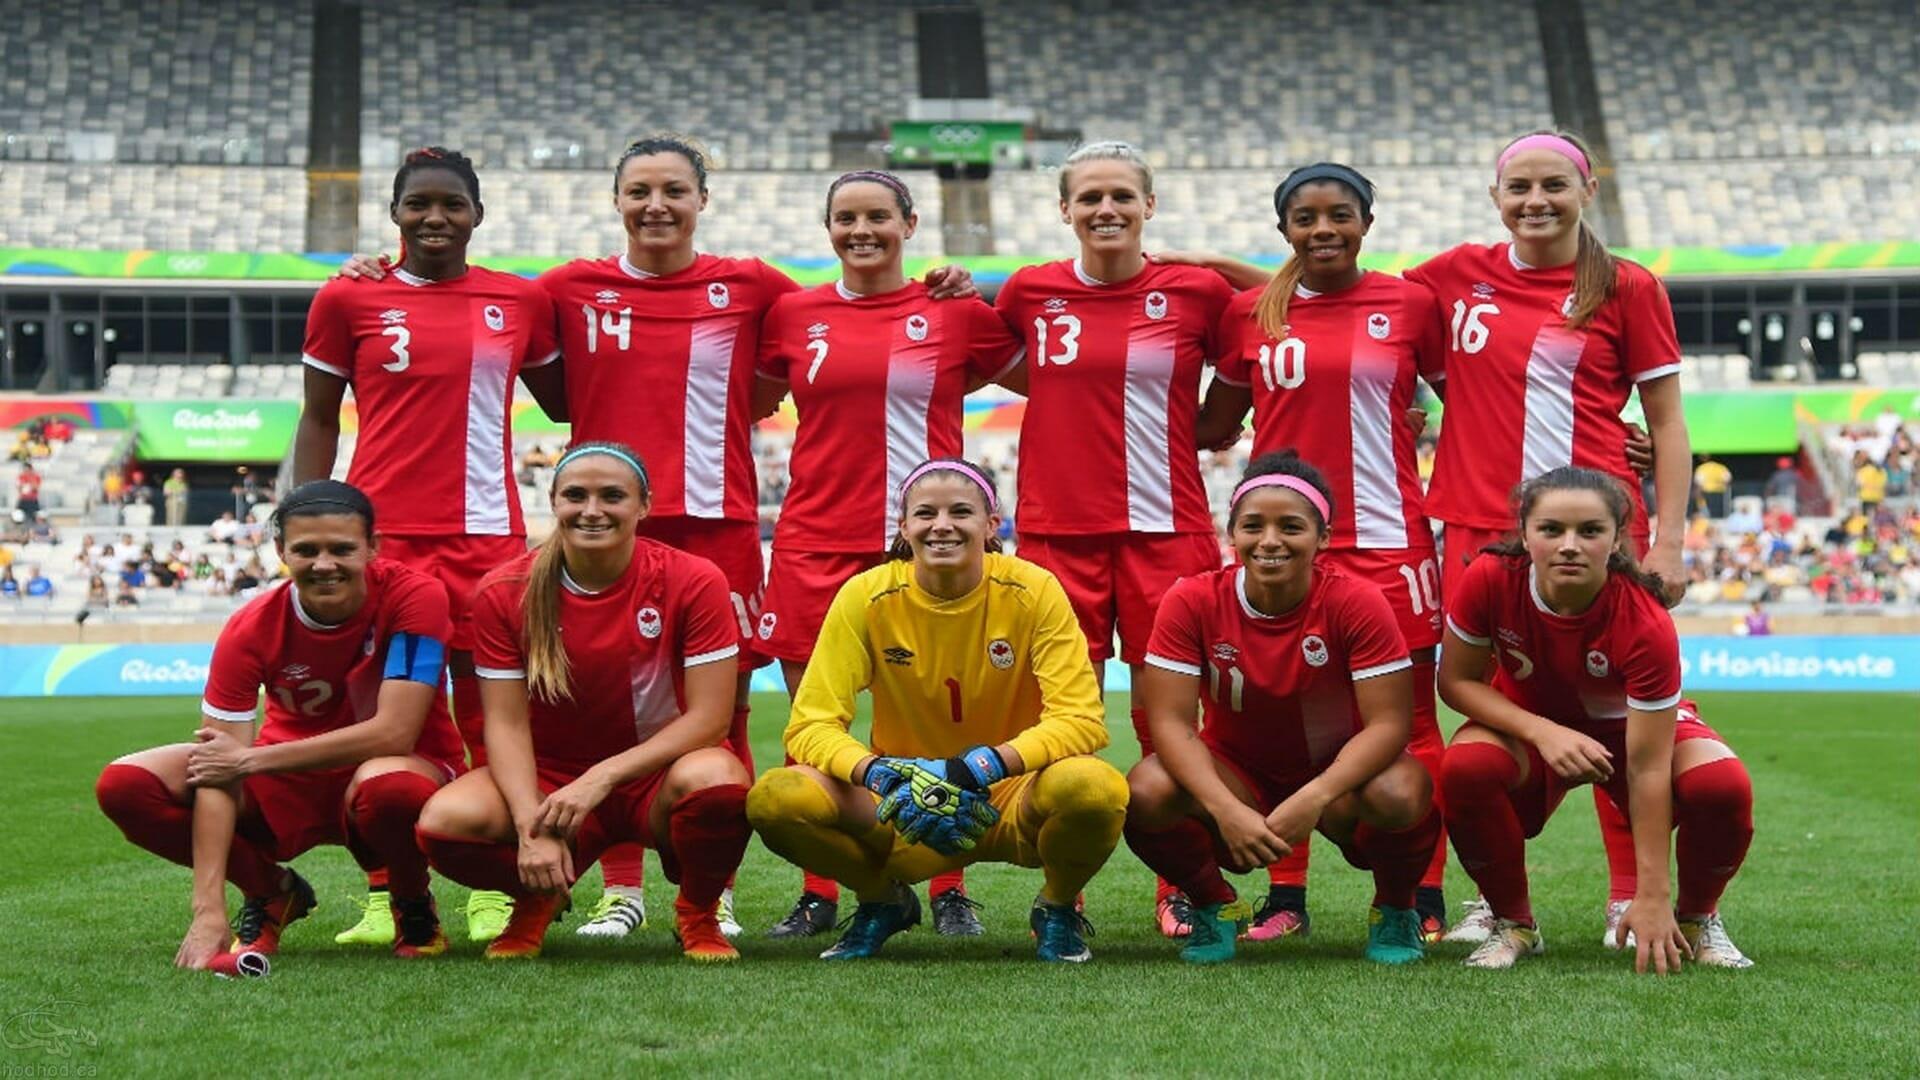 تیم فوتبال زنان کانادا با شکست دادن تیم قدرتمند برزیل به مقام سوم المپیک ریو رسید